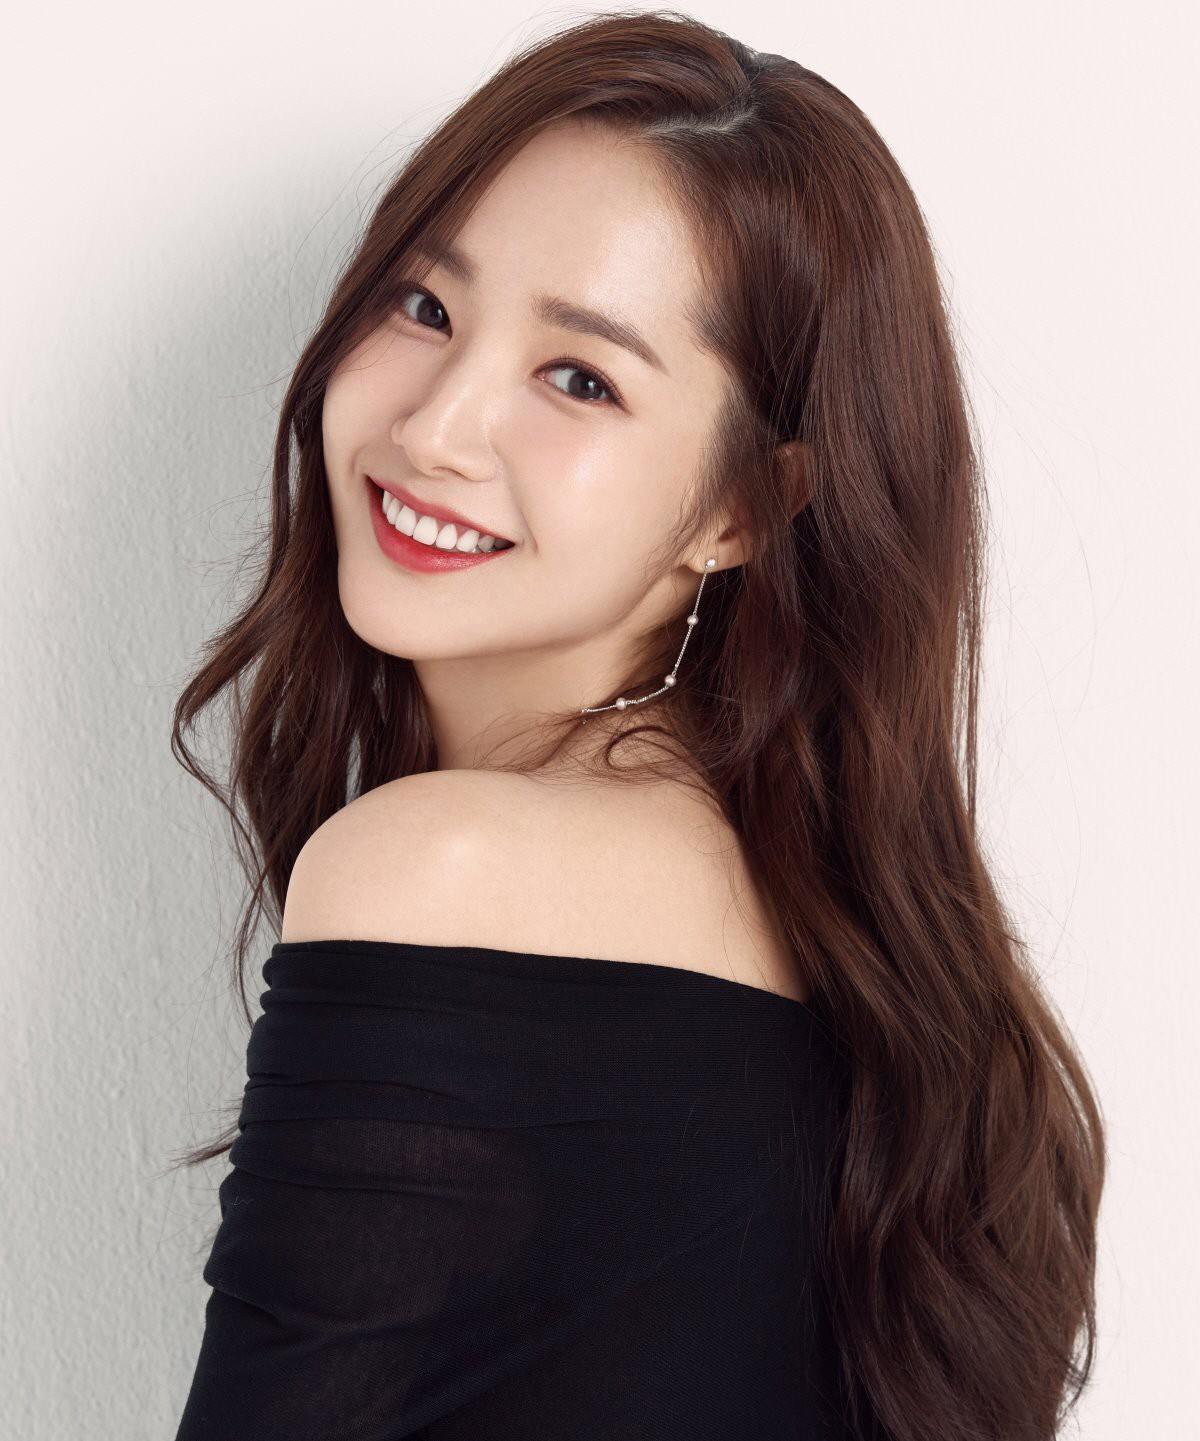 Ảnh hậu trường đẹp khó tin của đệ nhất dao kéo Park Min Young: Đẳng cấp còn hơn cả thiên thần tỉ tỉ - Ảnh 8.